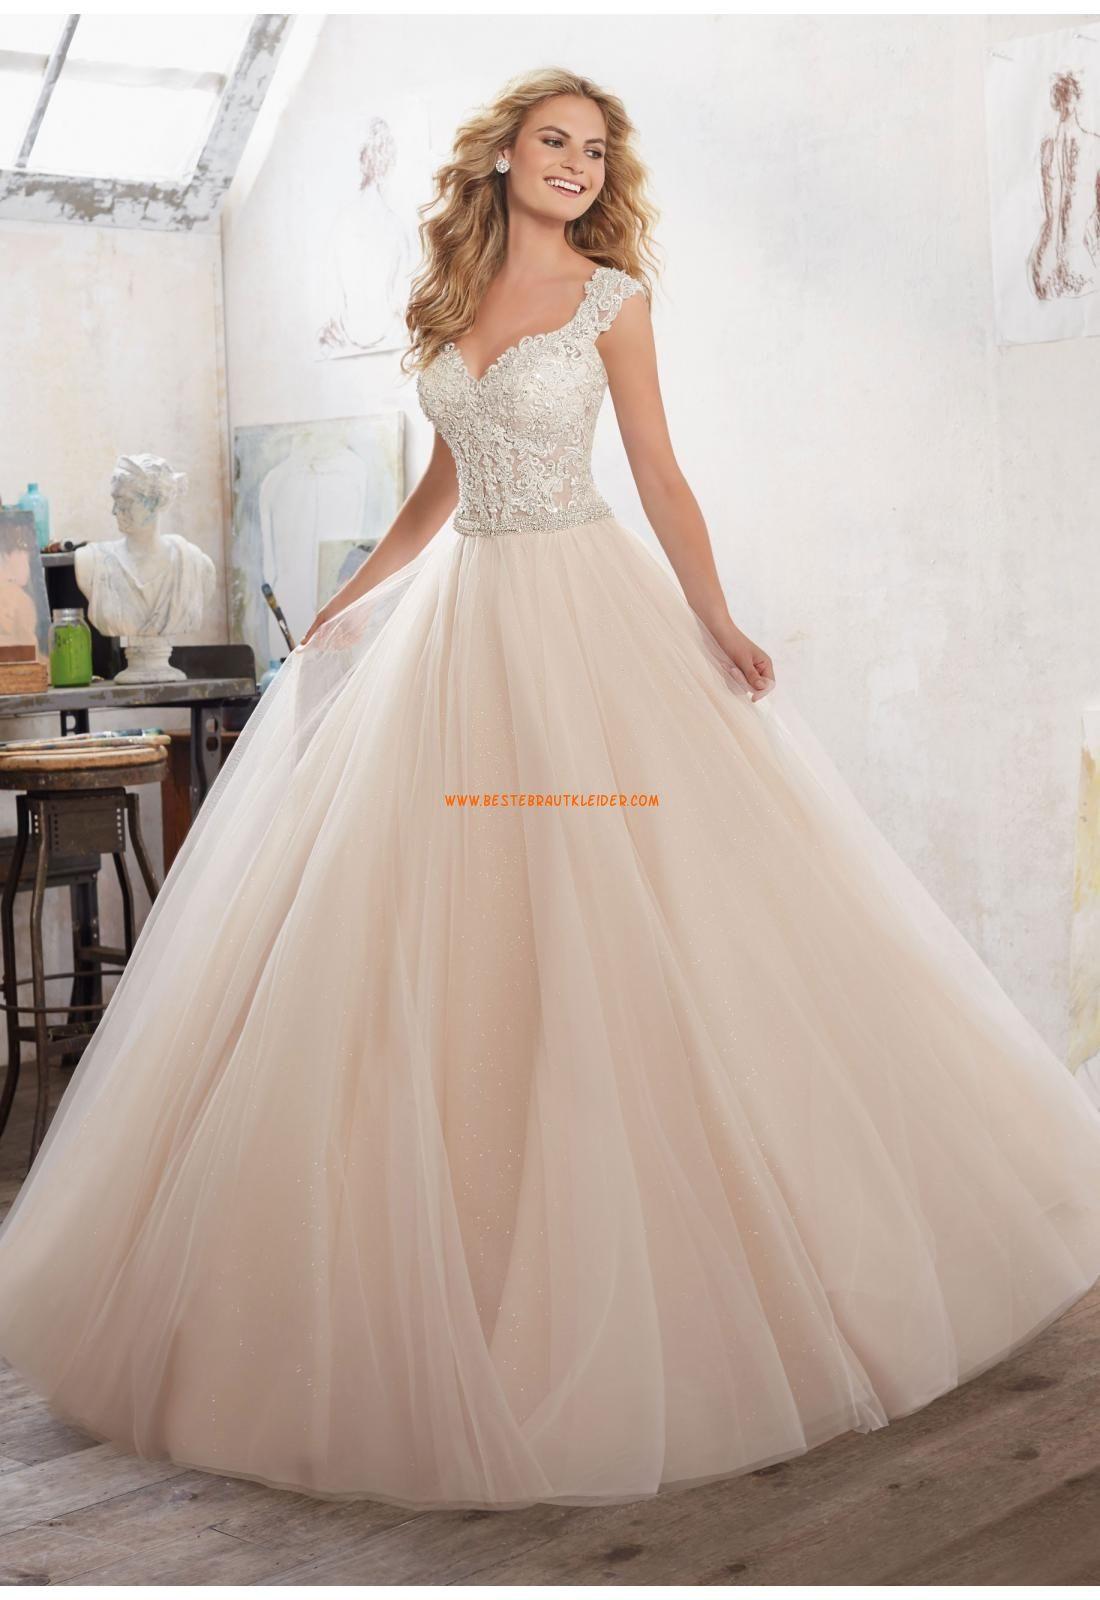 Prinzessin Traumhafte Schöne Brautkleider aus Tüll mit Applikation